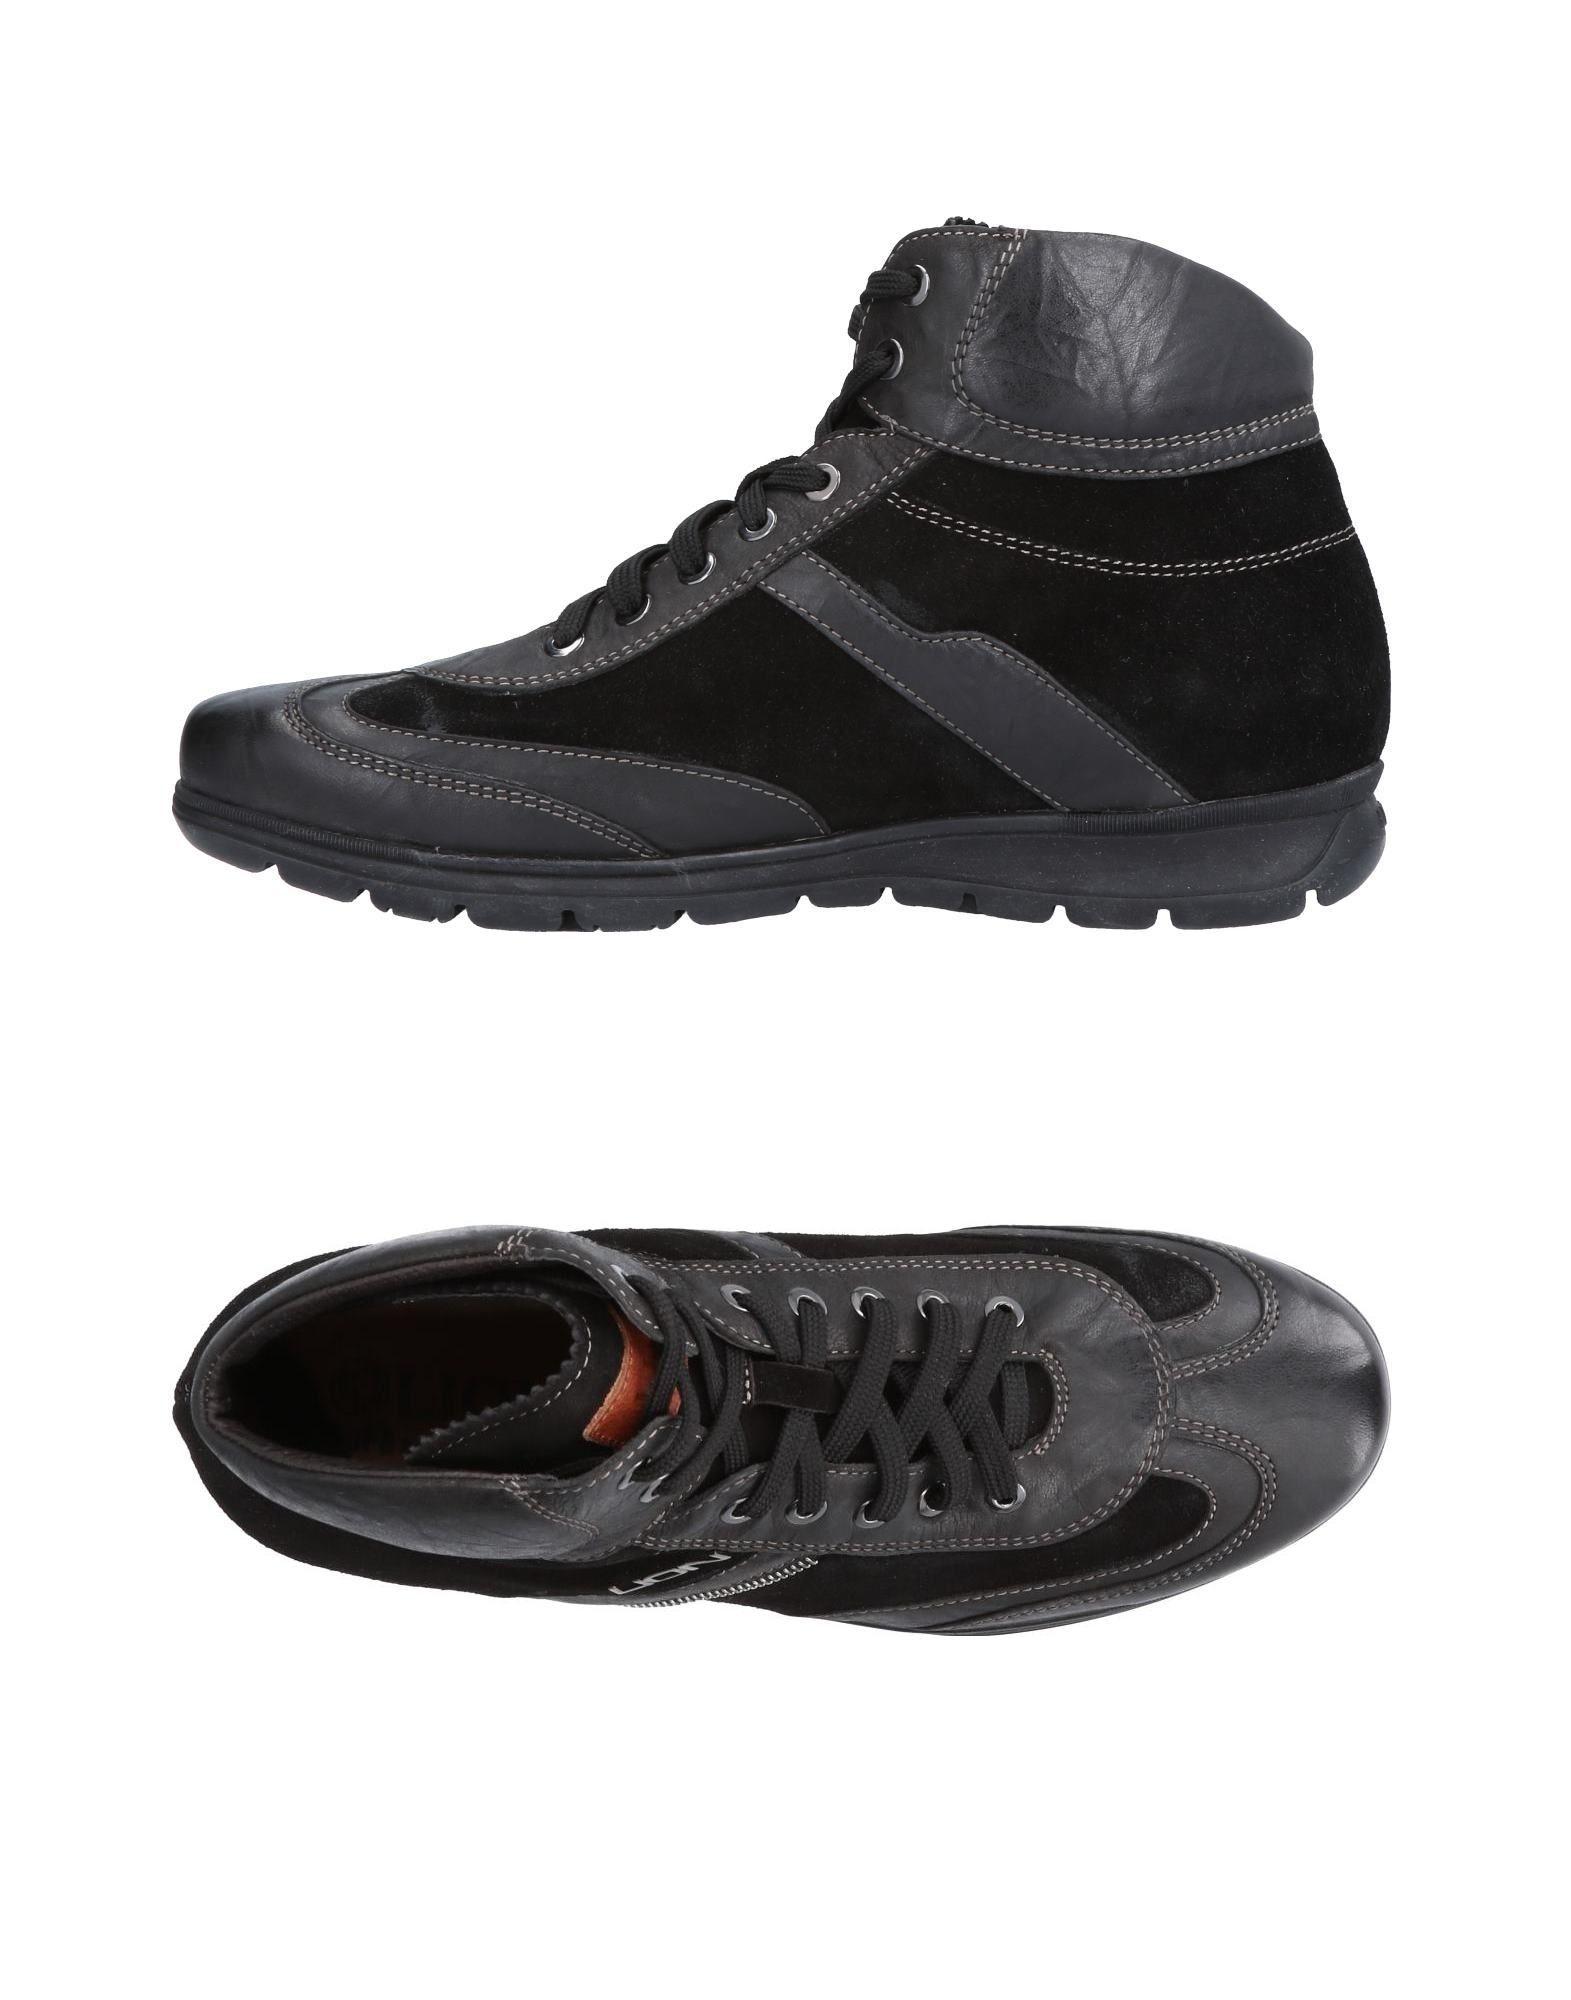 《送料無料》LION メンズ スニーカー&テニスシューズ(ハイカット) ブラック 40 革